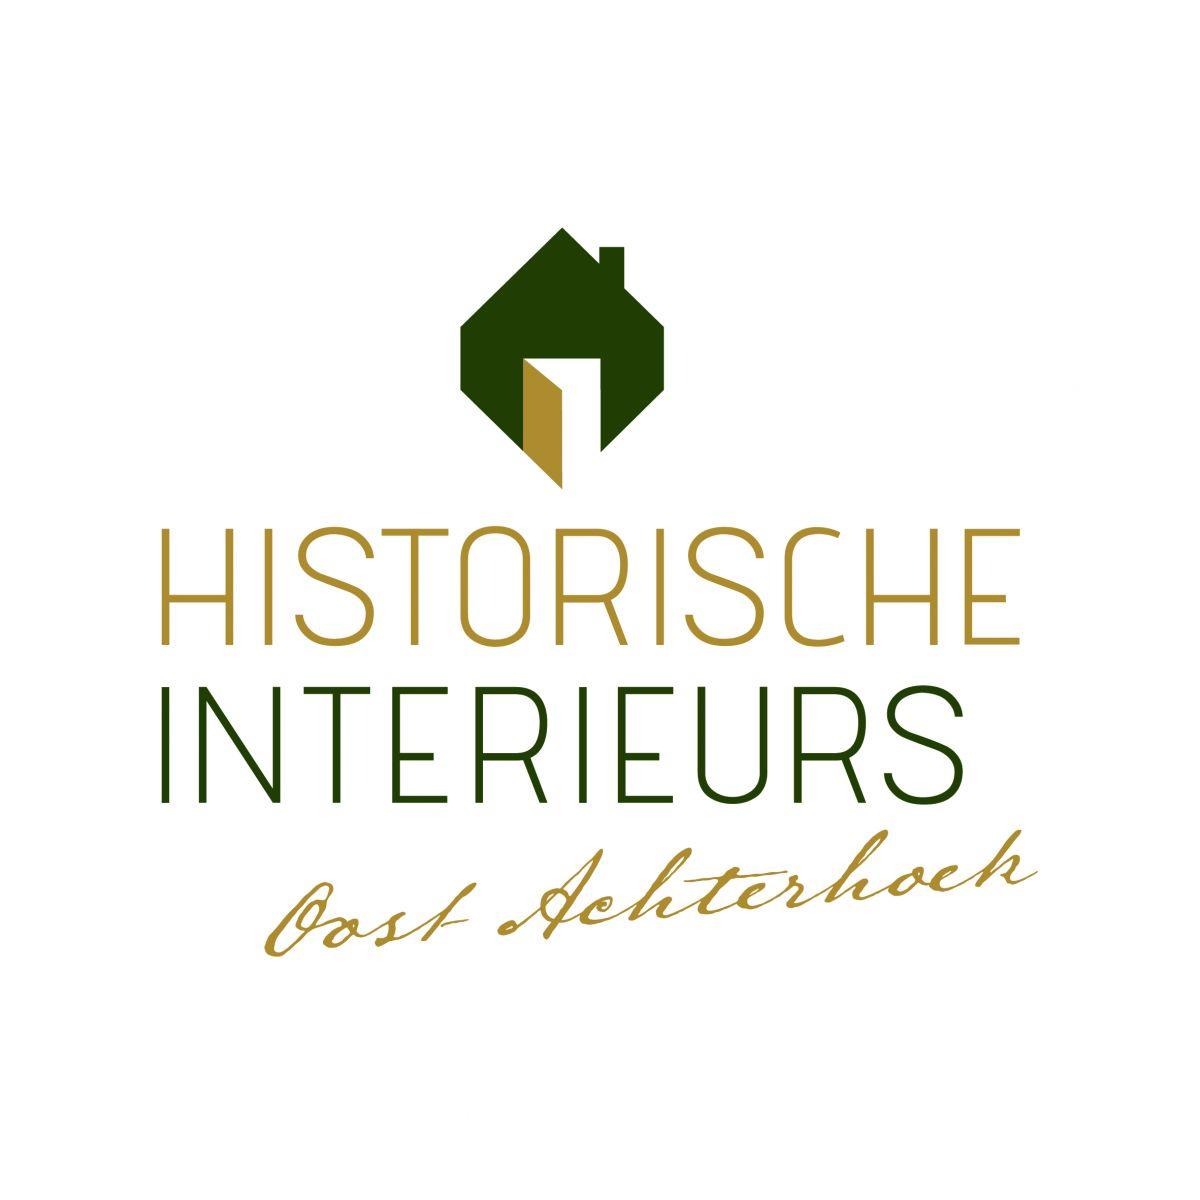 Studenten Cibap onderzoeken kleurbeeld historische interieurs in Oost-Achterhoek